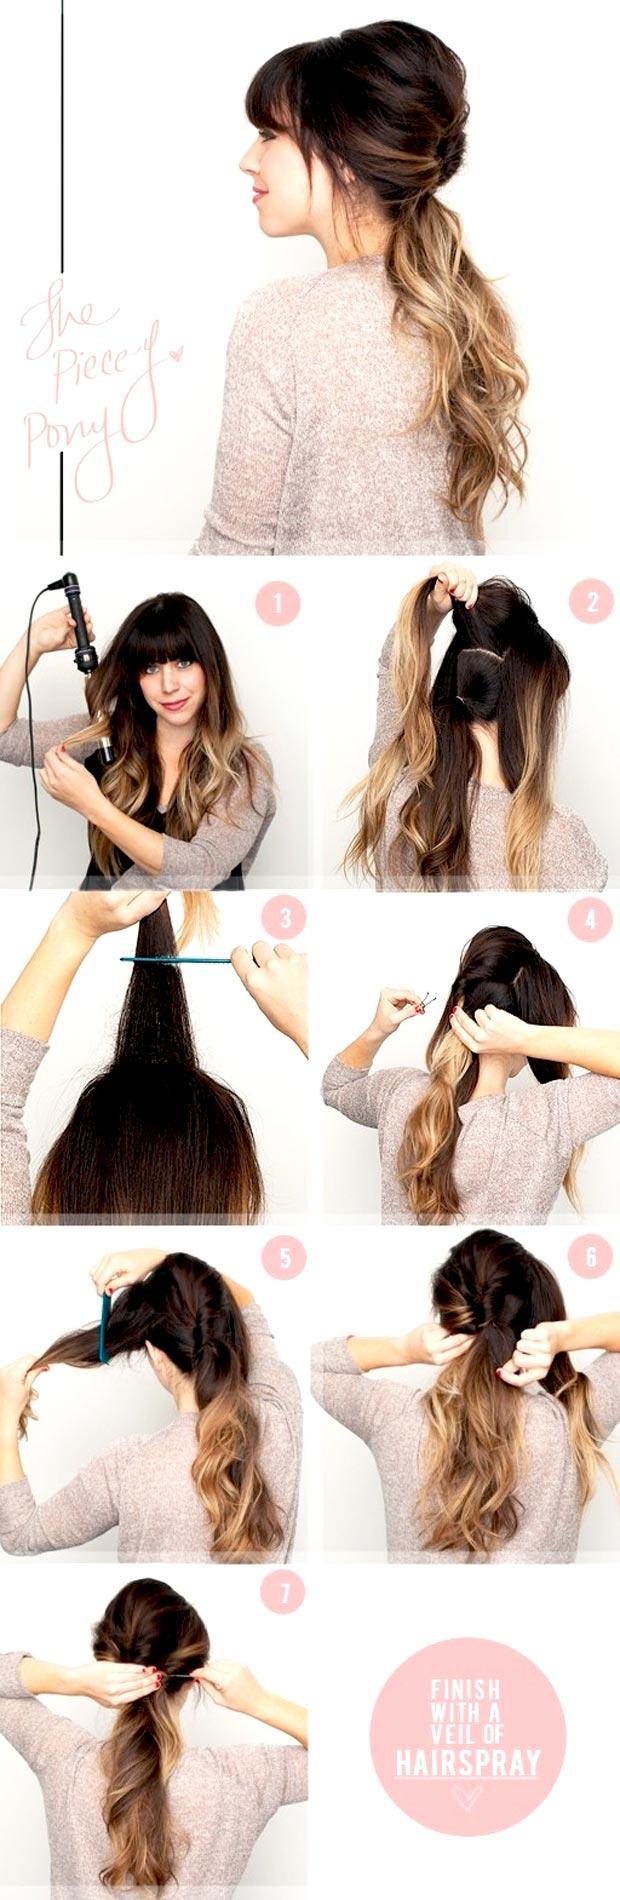 Стрижка своими руками длинные волосы